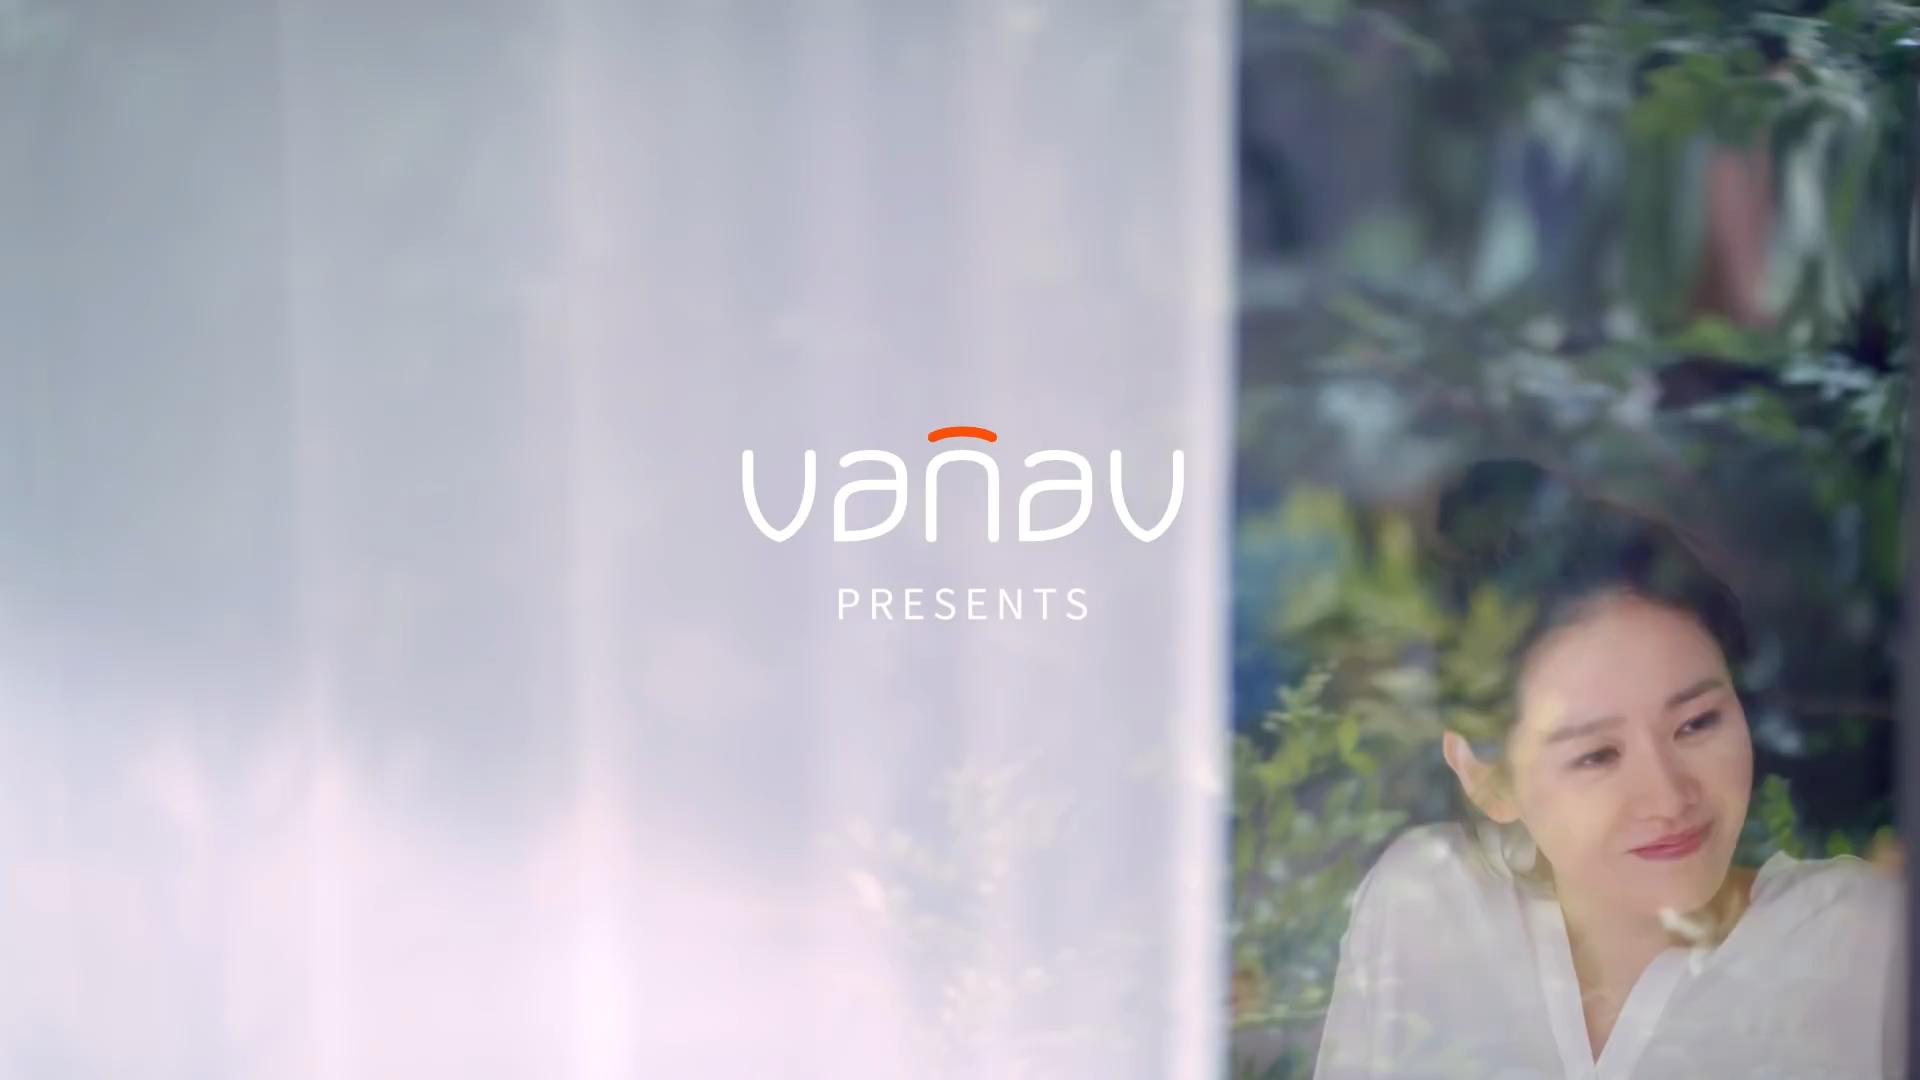 jung gun vimeo